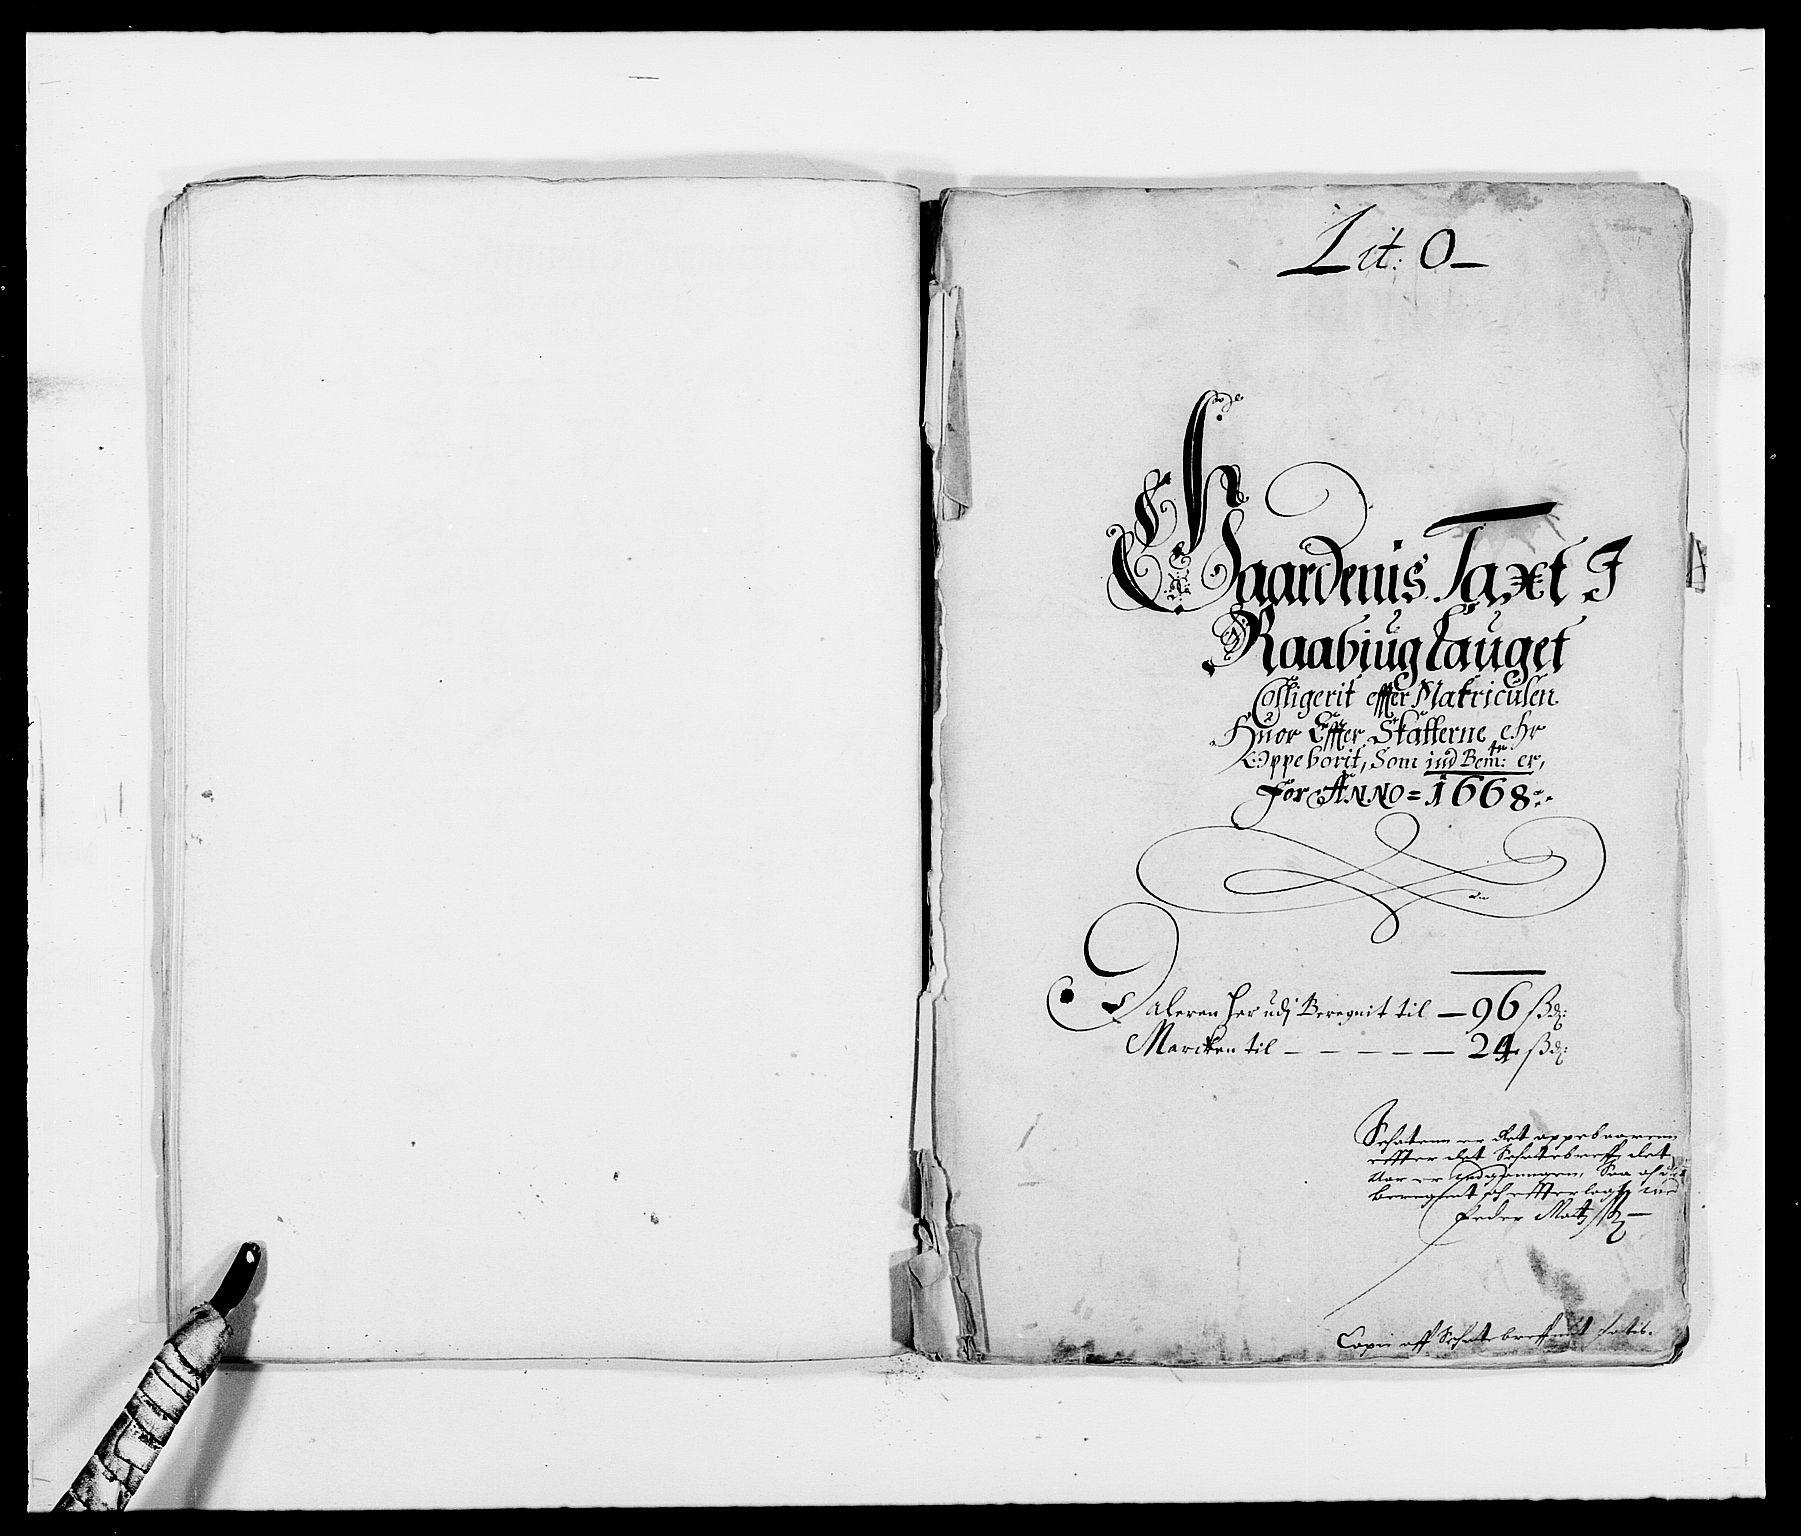 RA, Rentekammeret inntil 1814, Reviderte regnskaper, Fogderegnskap, R40/L2431: Fogderegnskap Råbyggelag, 1664-1668, s. 312